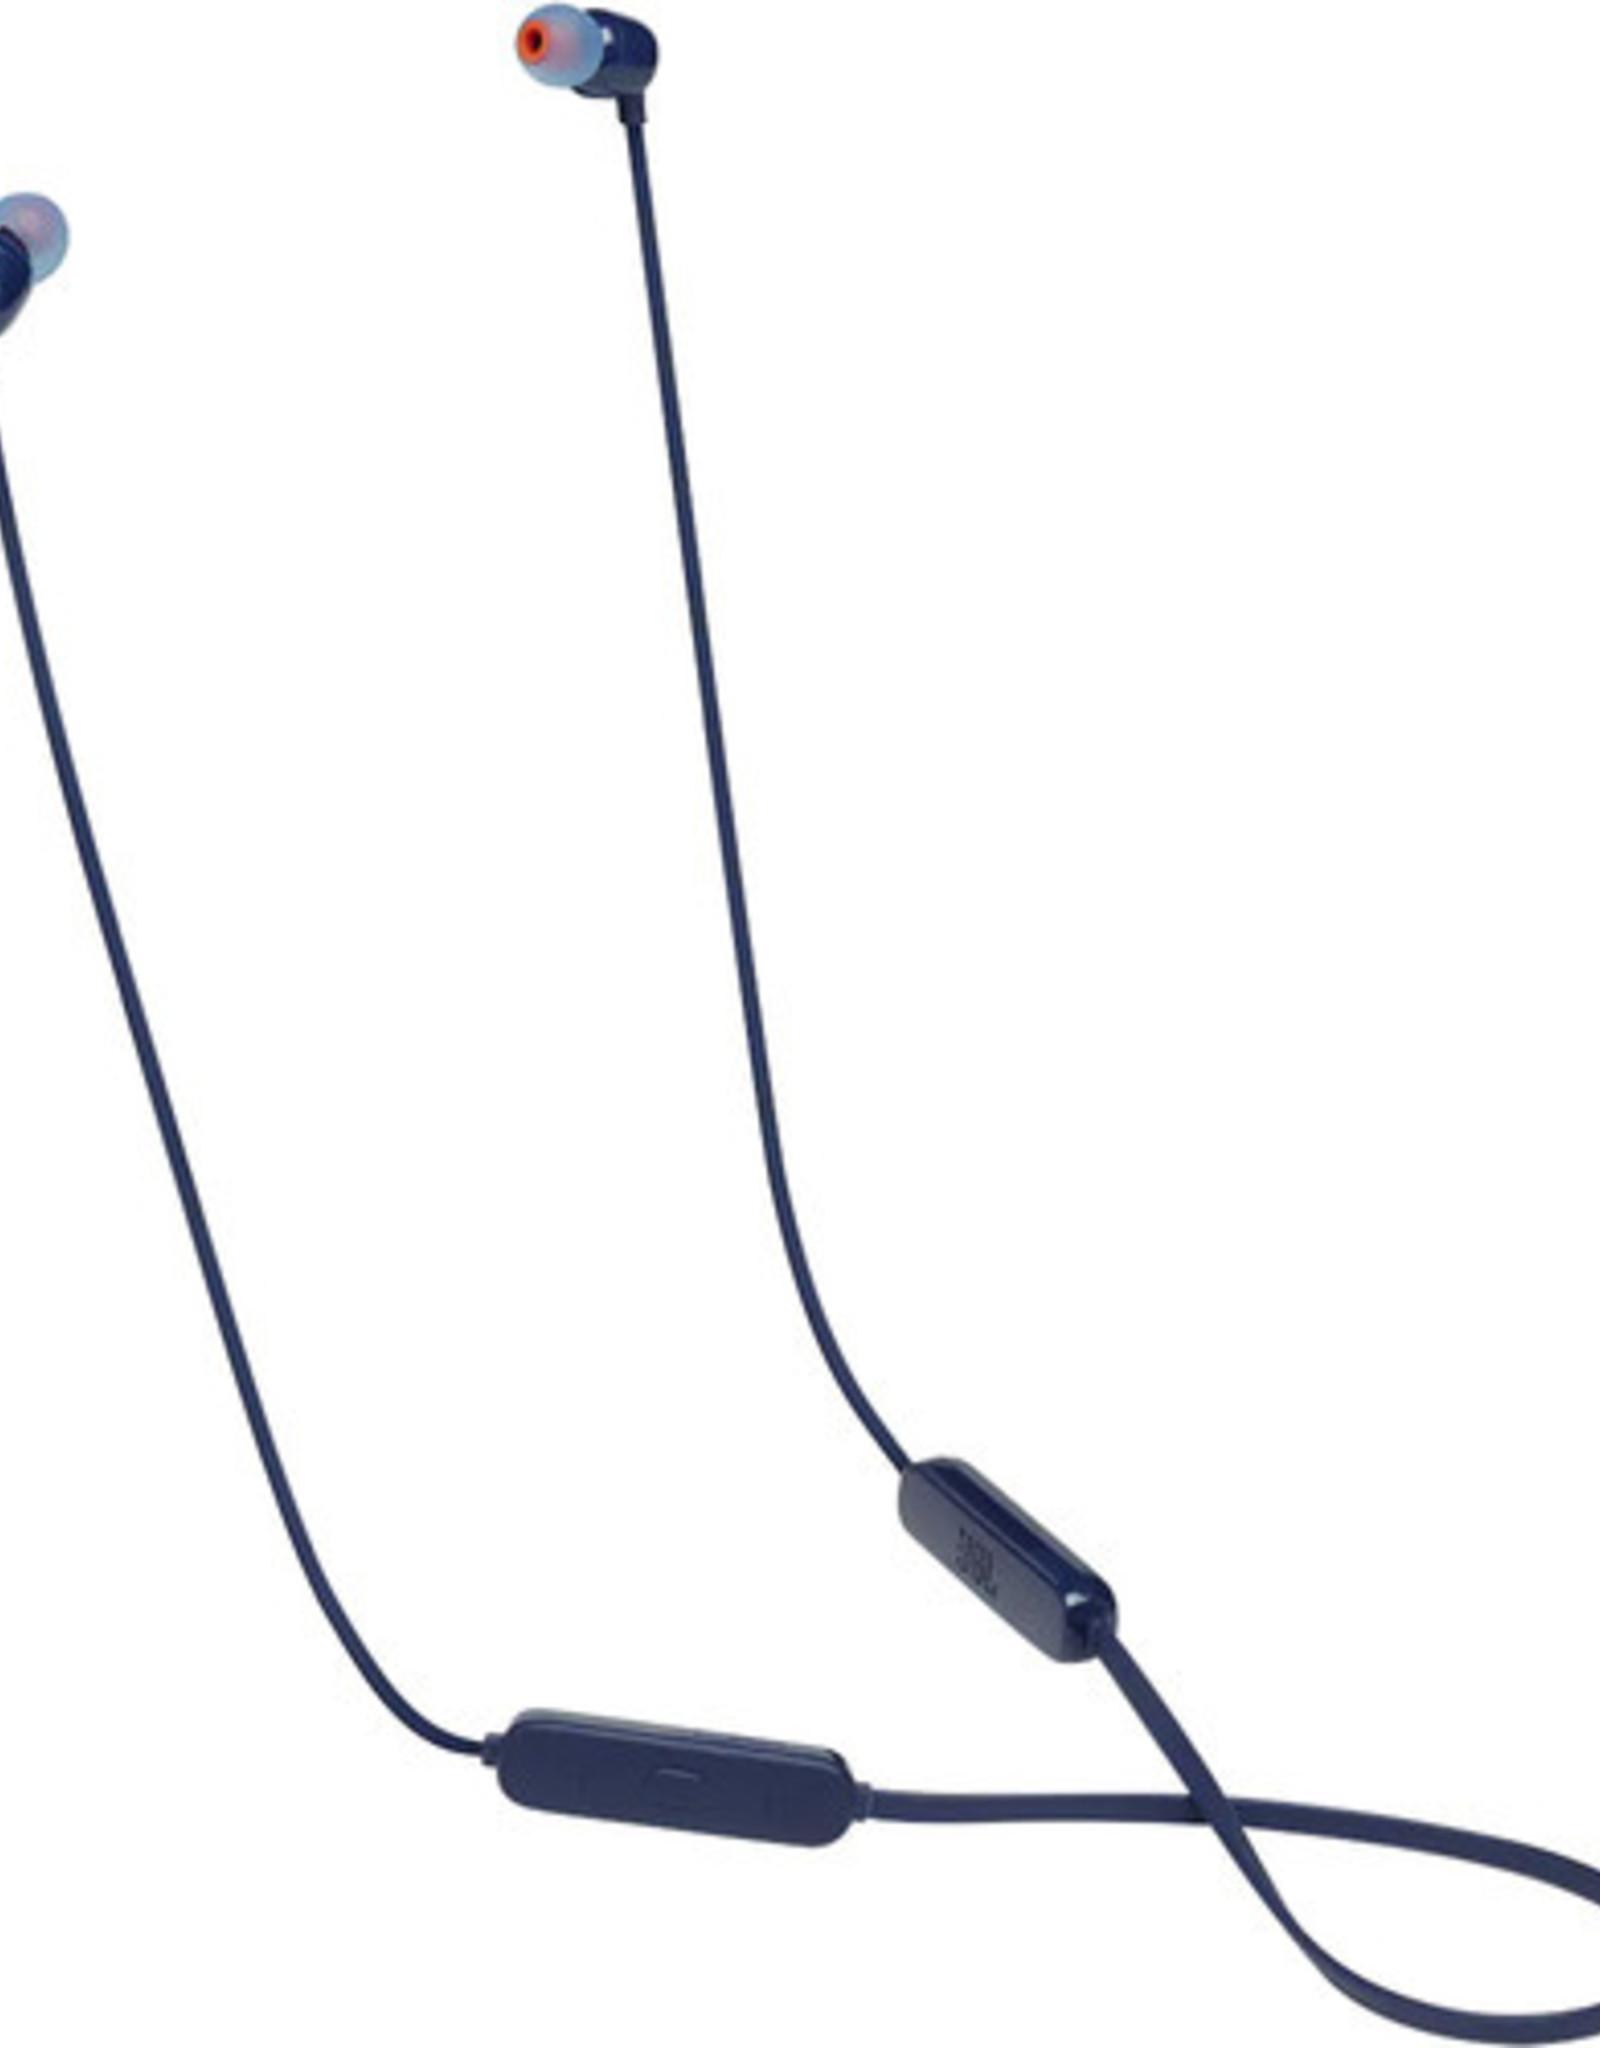 JBL JBL | inear BT headphones Blue JBLT115BTBLUAM